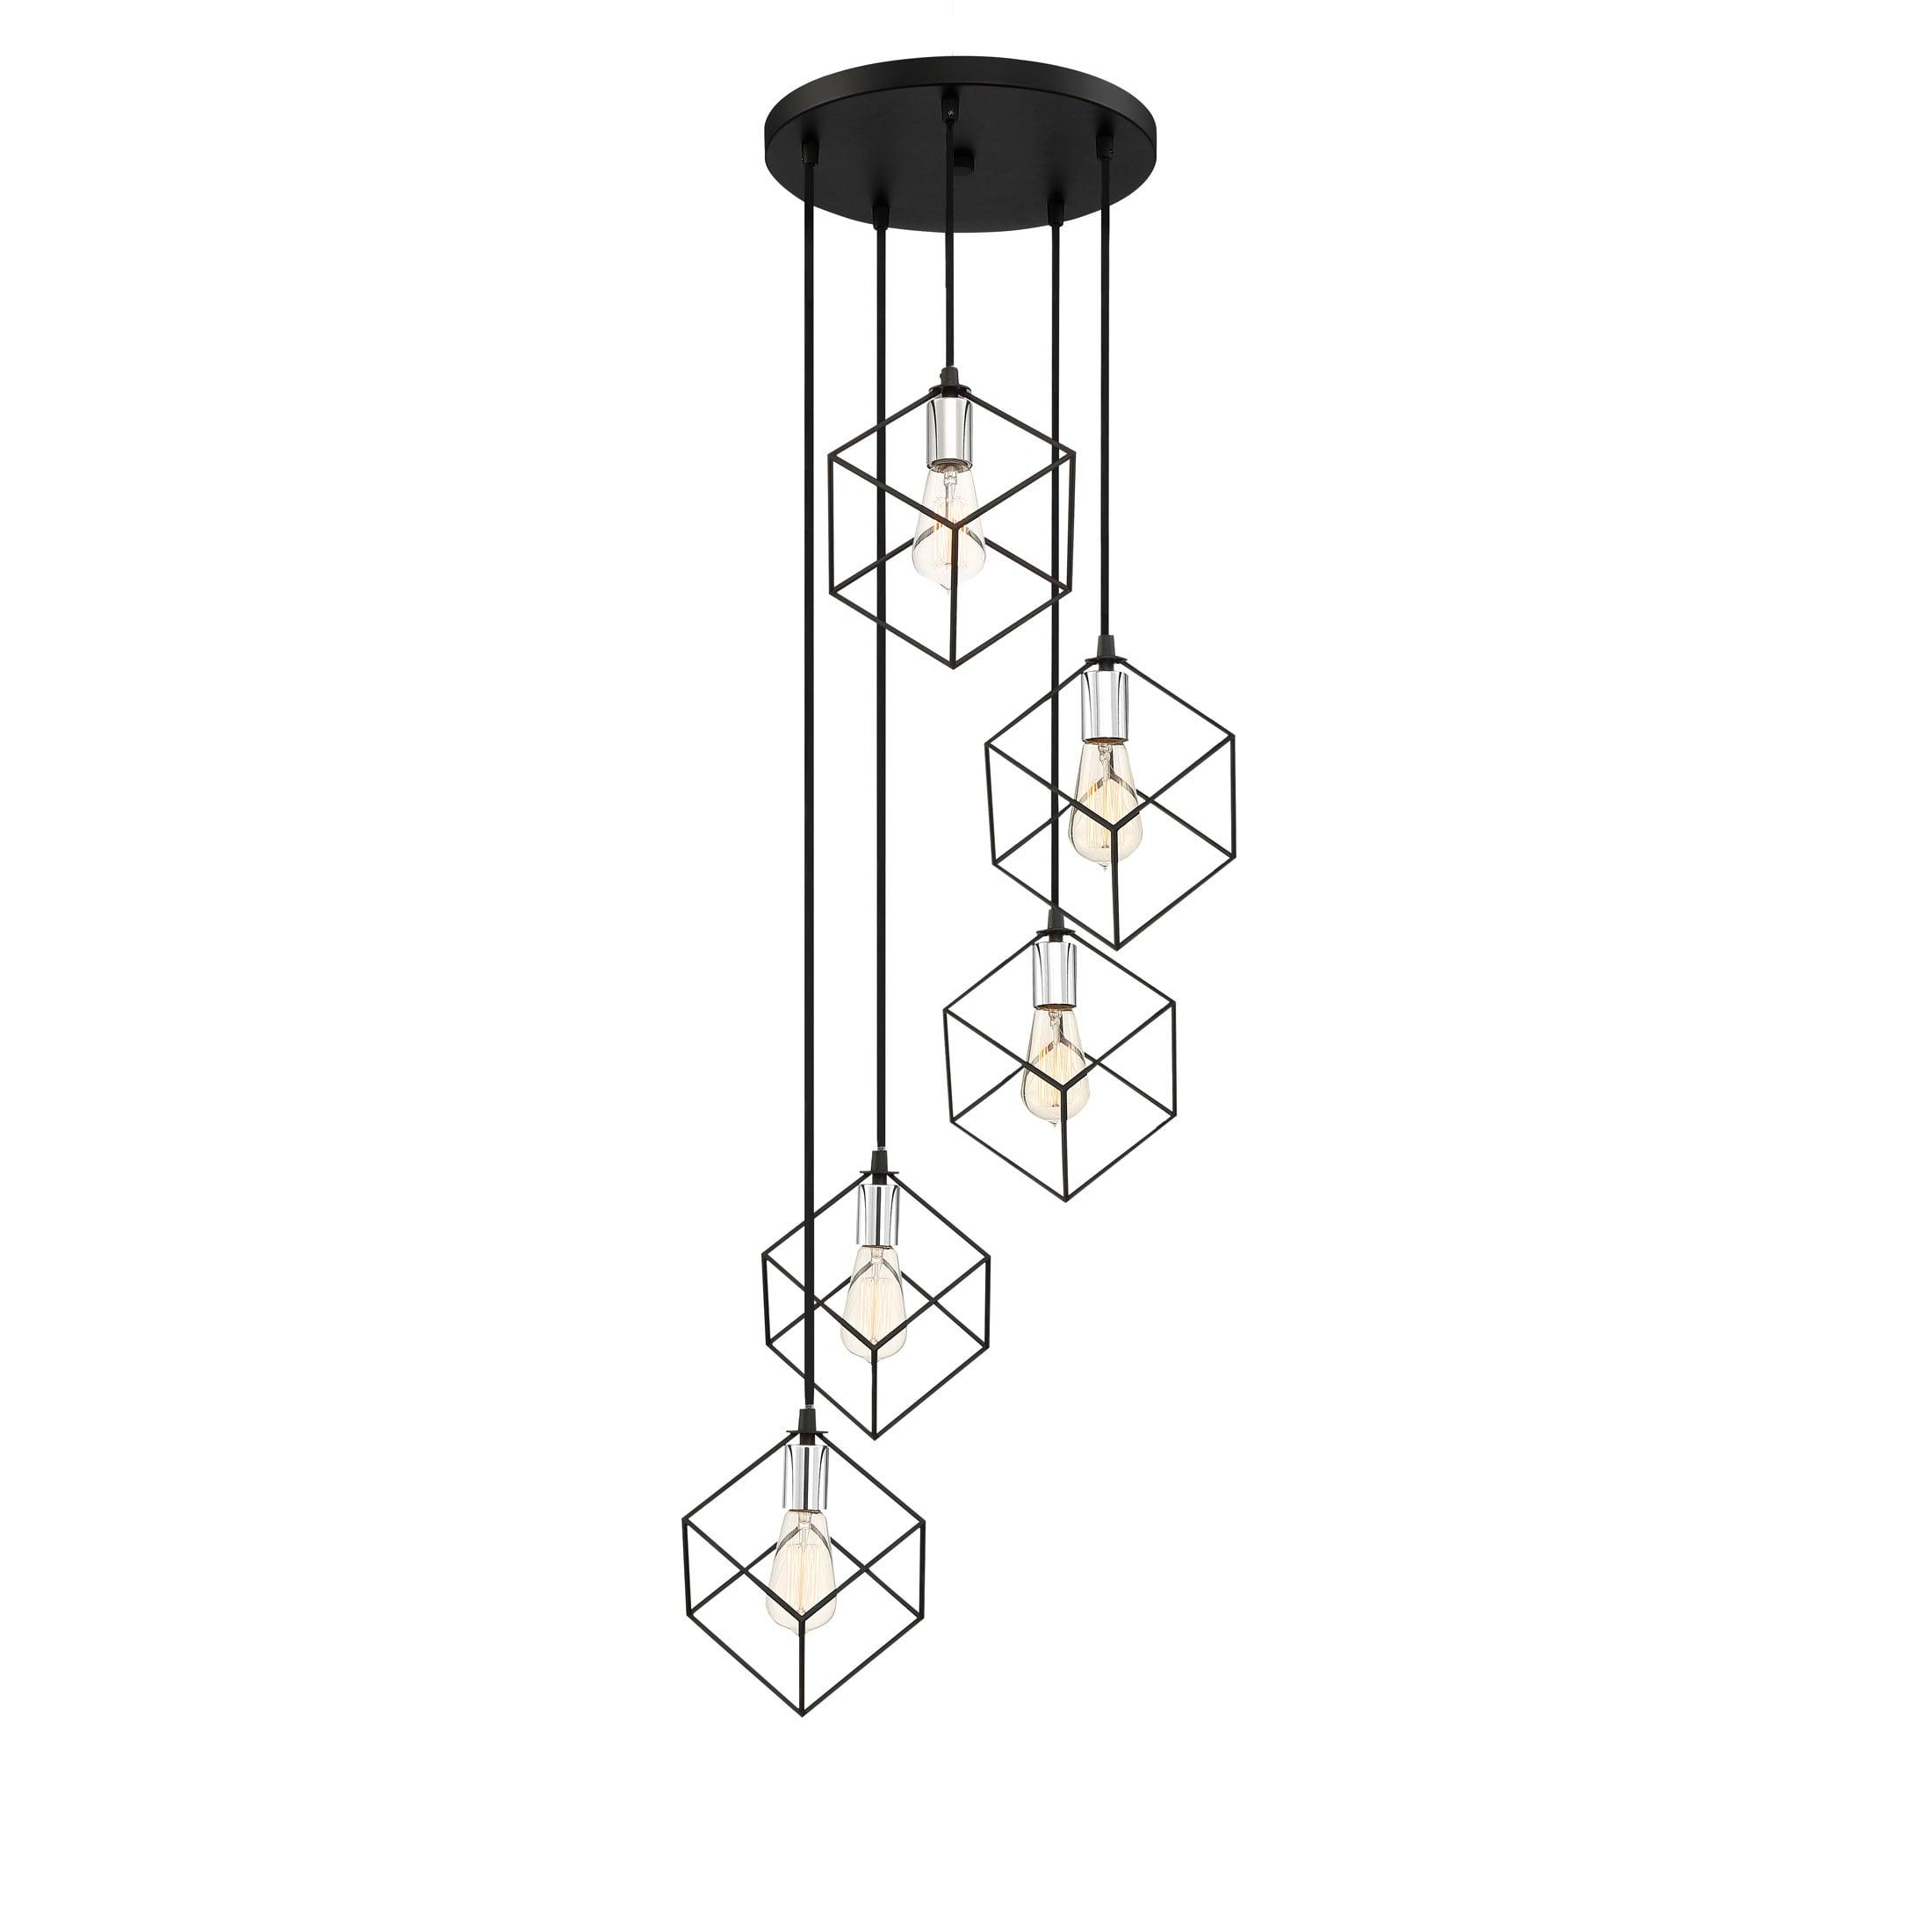 Quoitzel Ceiling Fan Wiring Diagram